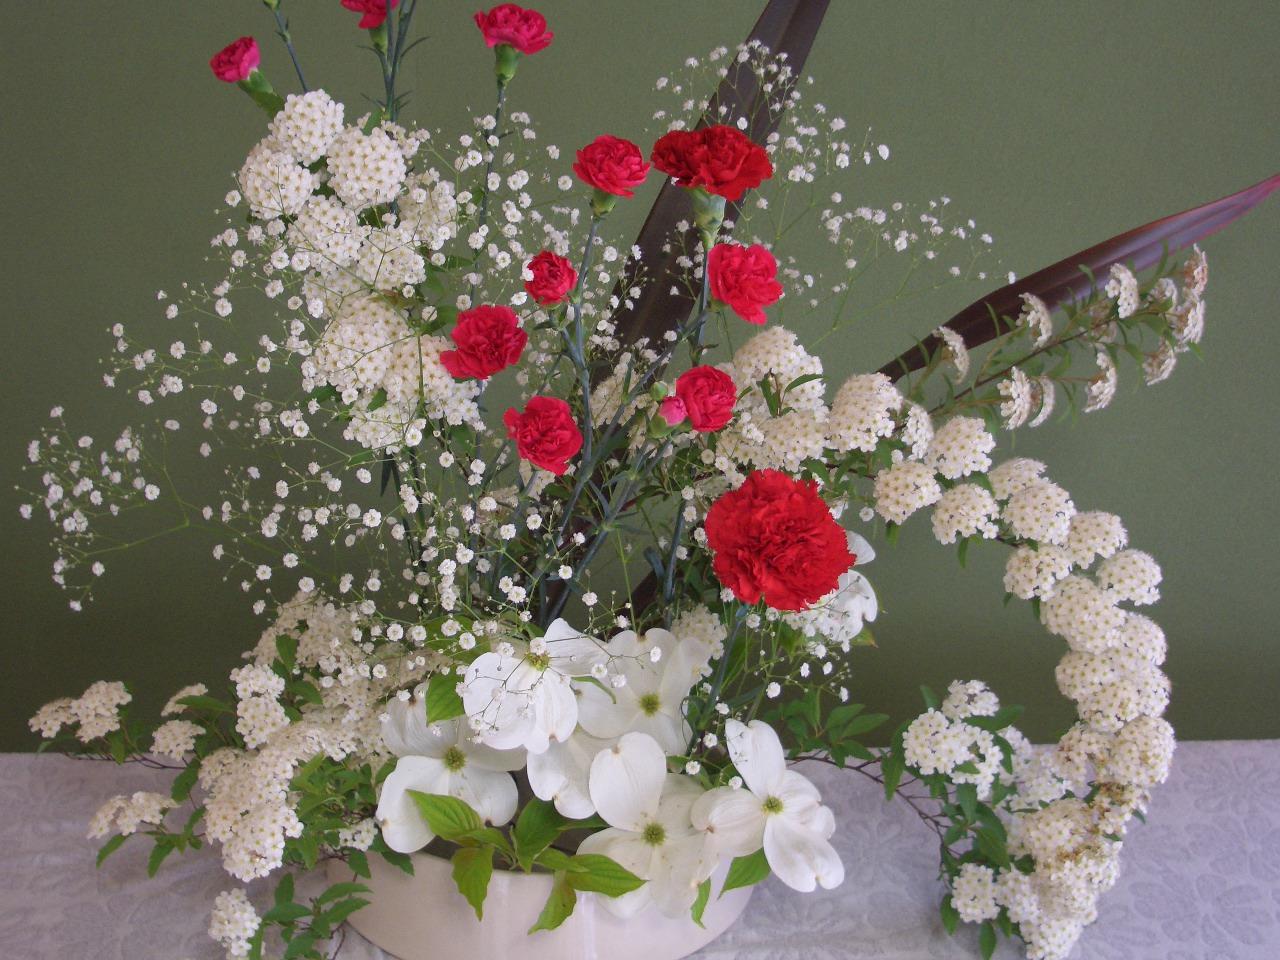 暖家の蔵 店長 の 生け花